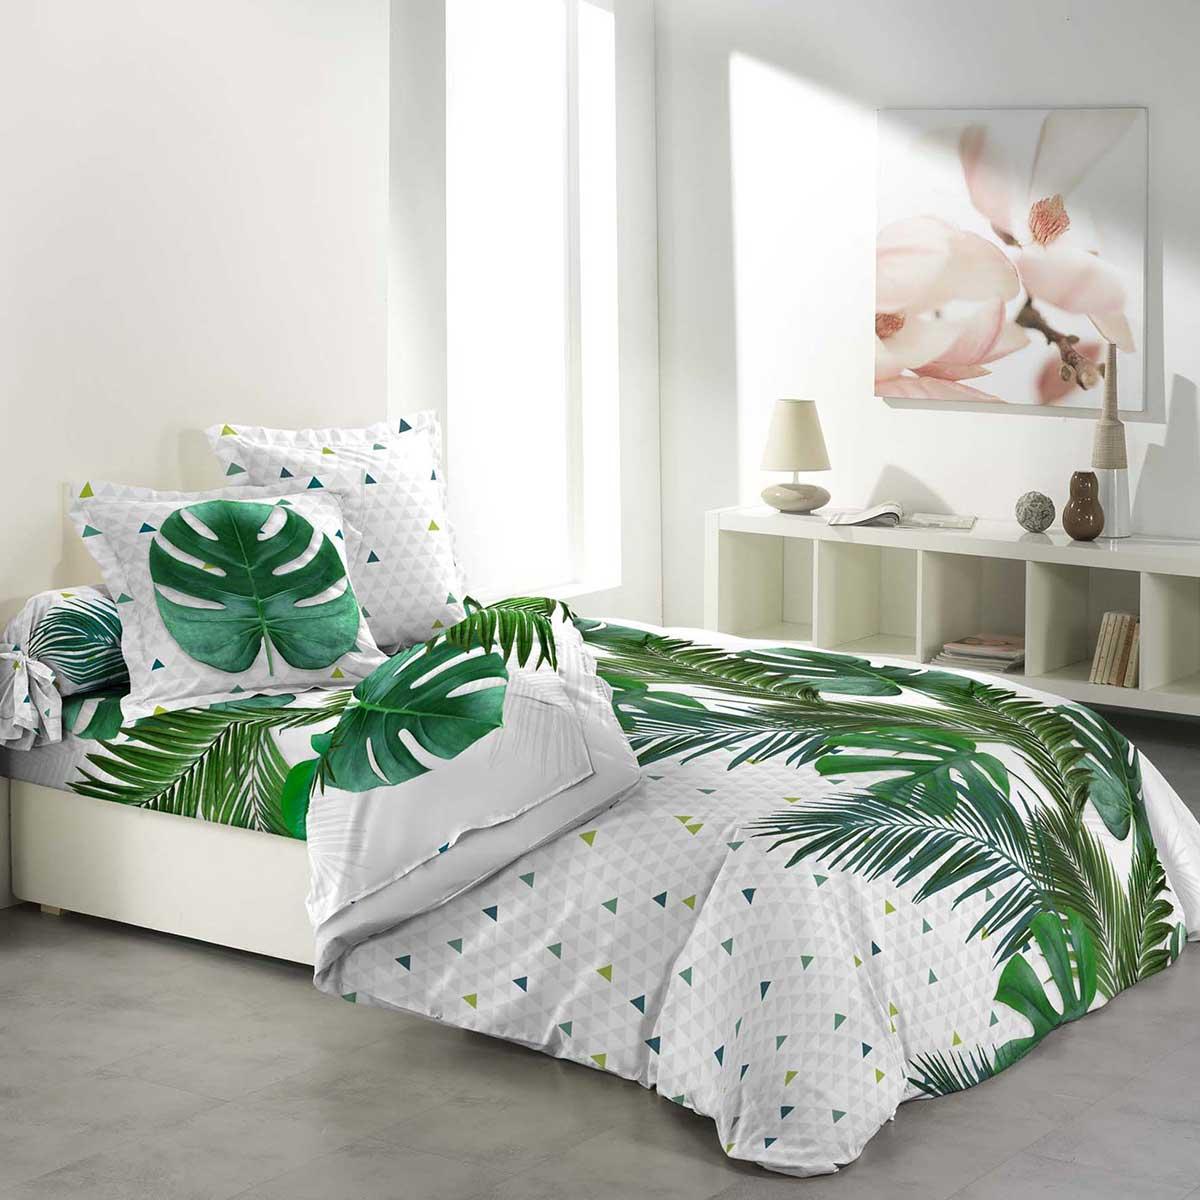 parure de couette imprim e feuillages tropicaux 6 pi ces. Black Bedroom Furniture Sets. Home Design Ideas